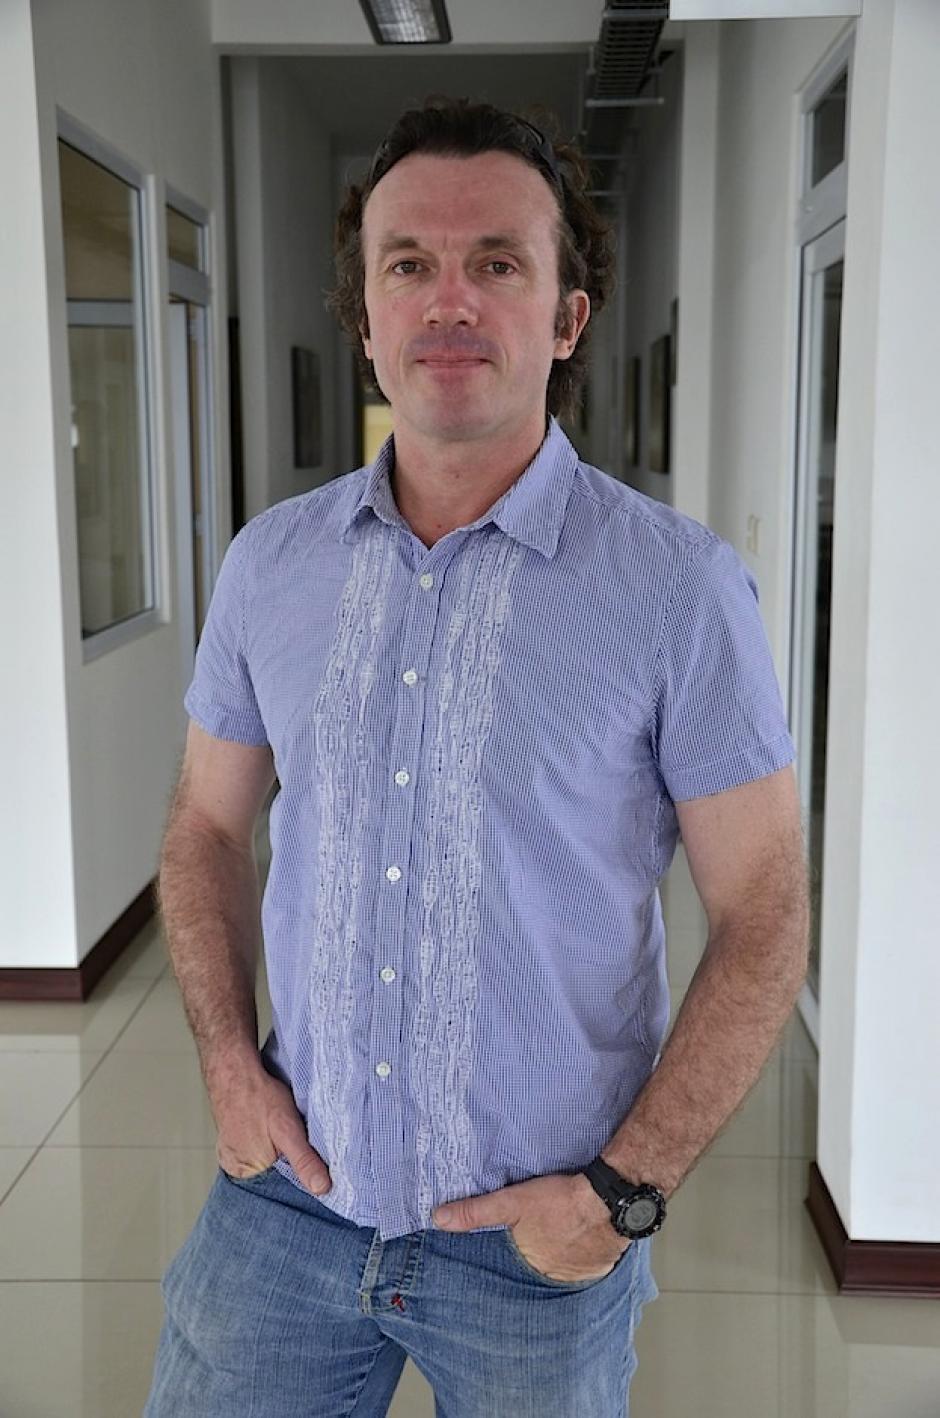 Thomas Tomczyk es el protagonista de la historia. (Foto: Selene Mejía/Soy502)